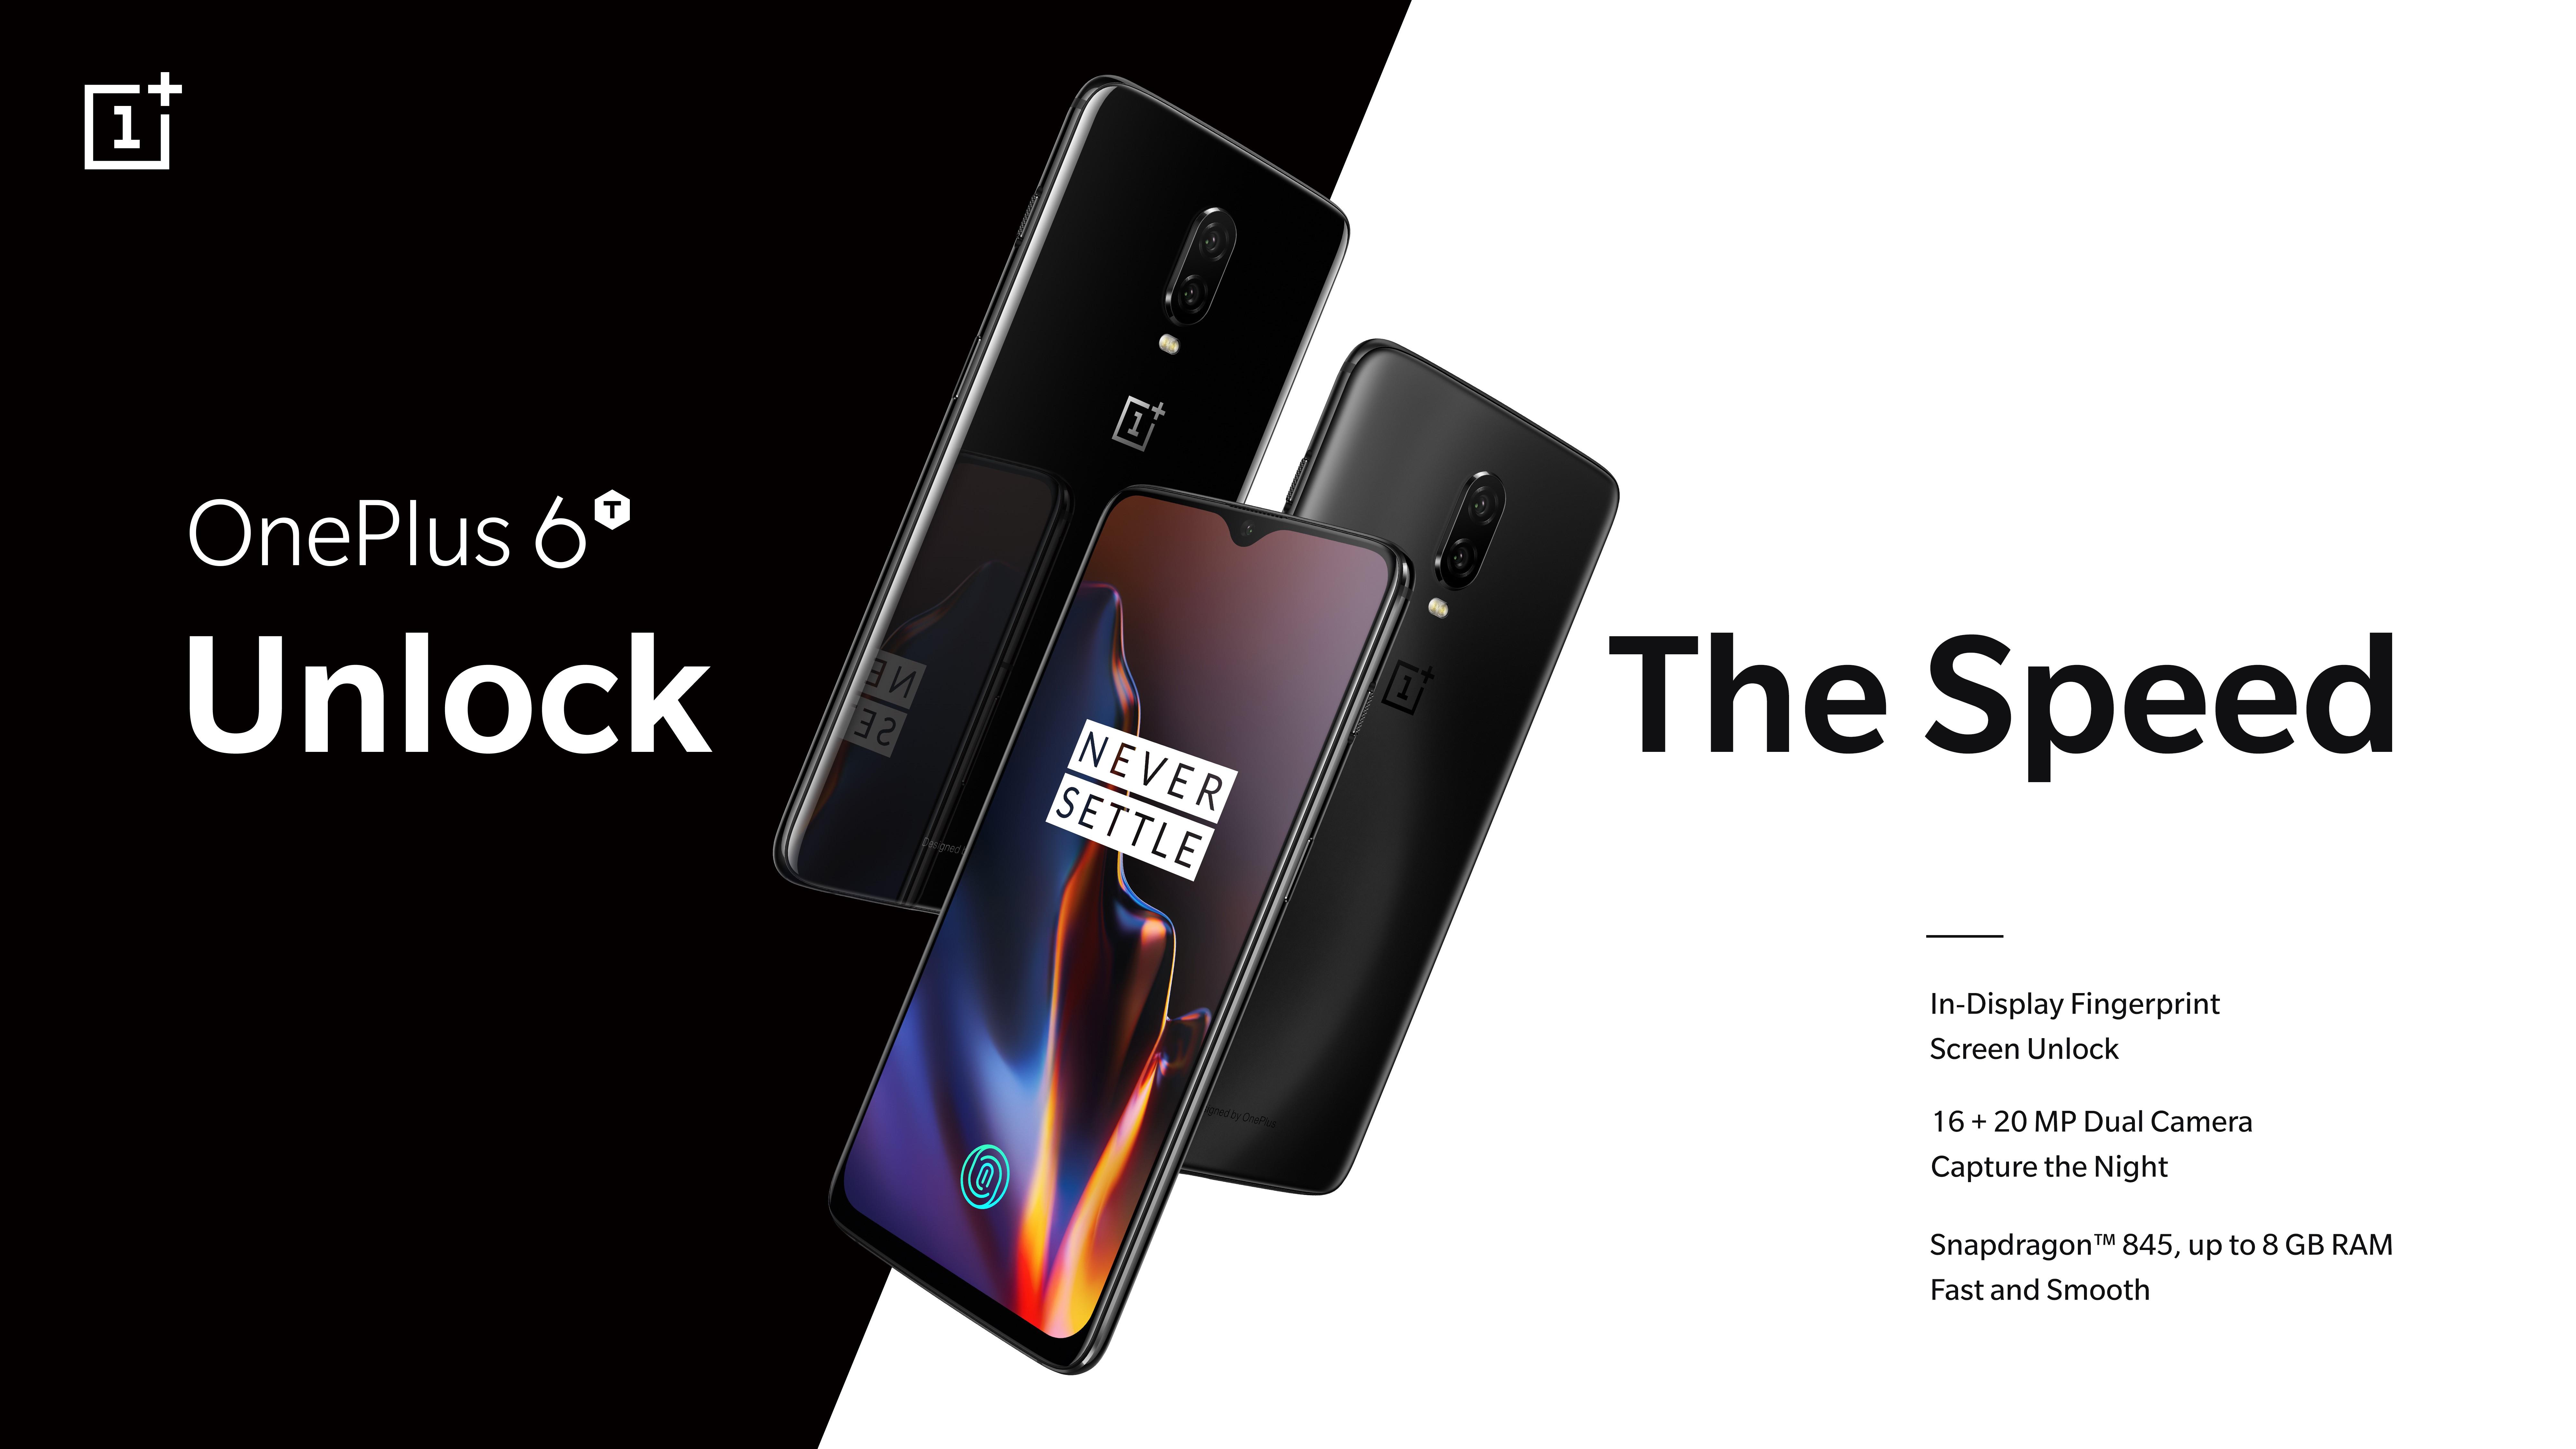 พบกับประสบการณ์ความเร็วขั้นกว่ากับ OnePlus 6T เตรียมวางจำหน่ายอย่างเป็นทางการในประเทศไทยที่ AIS, JD Central และ Power Buy 1